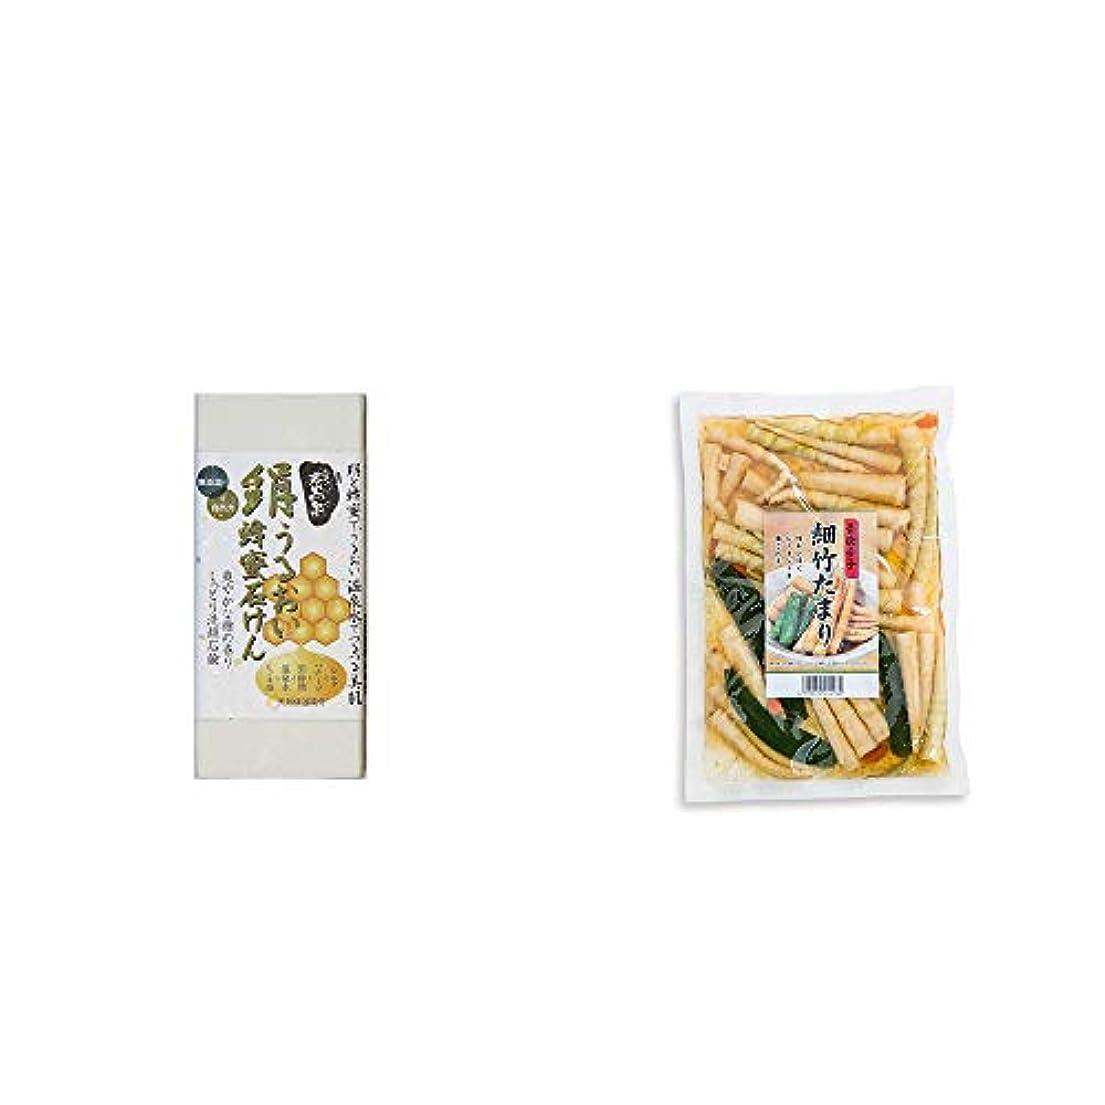 モック限りなく外交[2点セット] ひのき炭黒泉 絹うるおい蜂蜜石けん(75g×2)?青唐辛子 細竹たまり(330g)